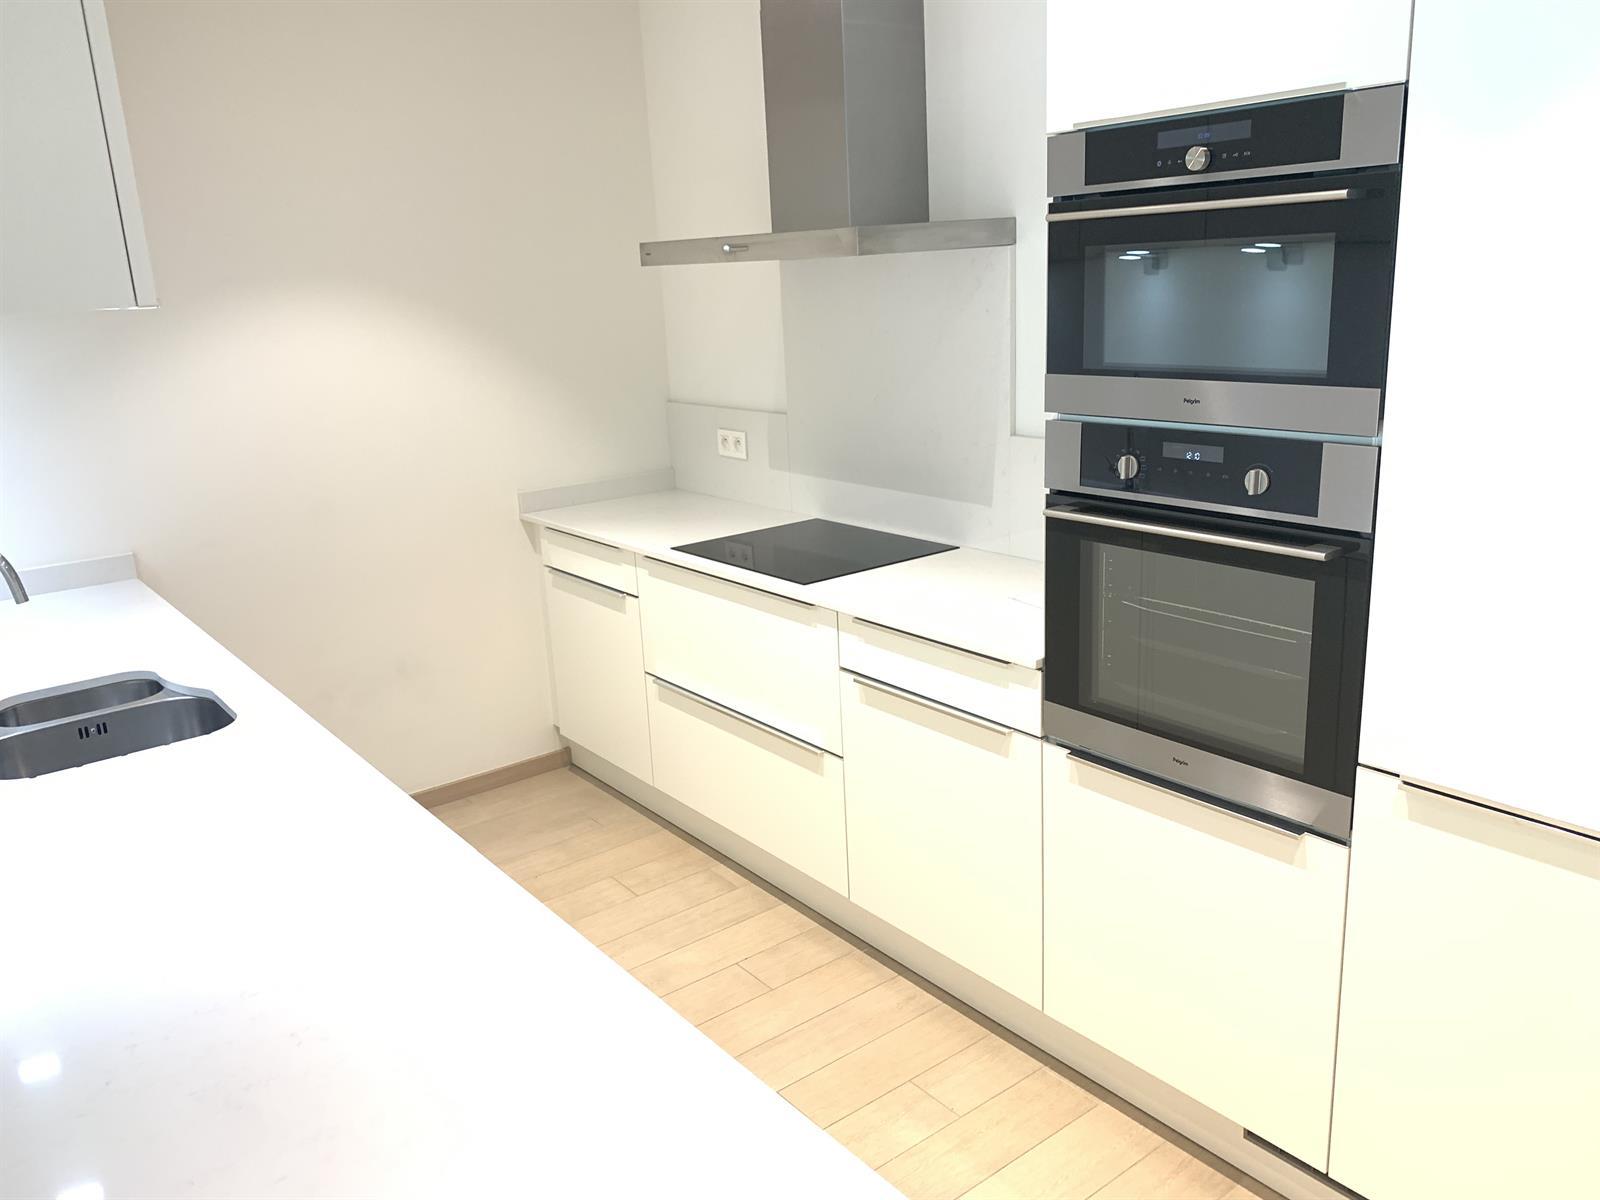 Appartement exceptionnel - Ixelles - #4392467-7